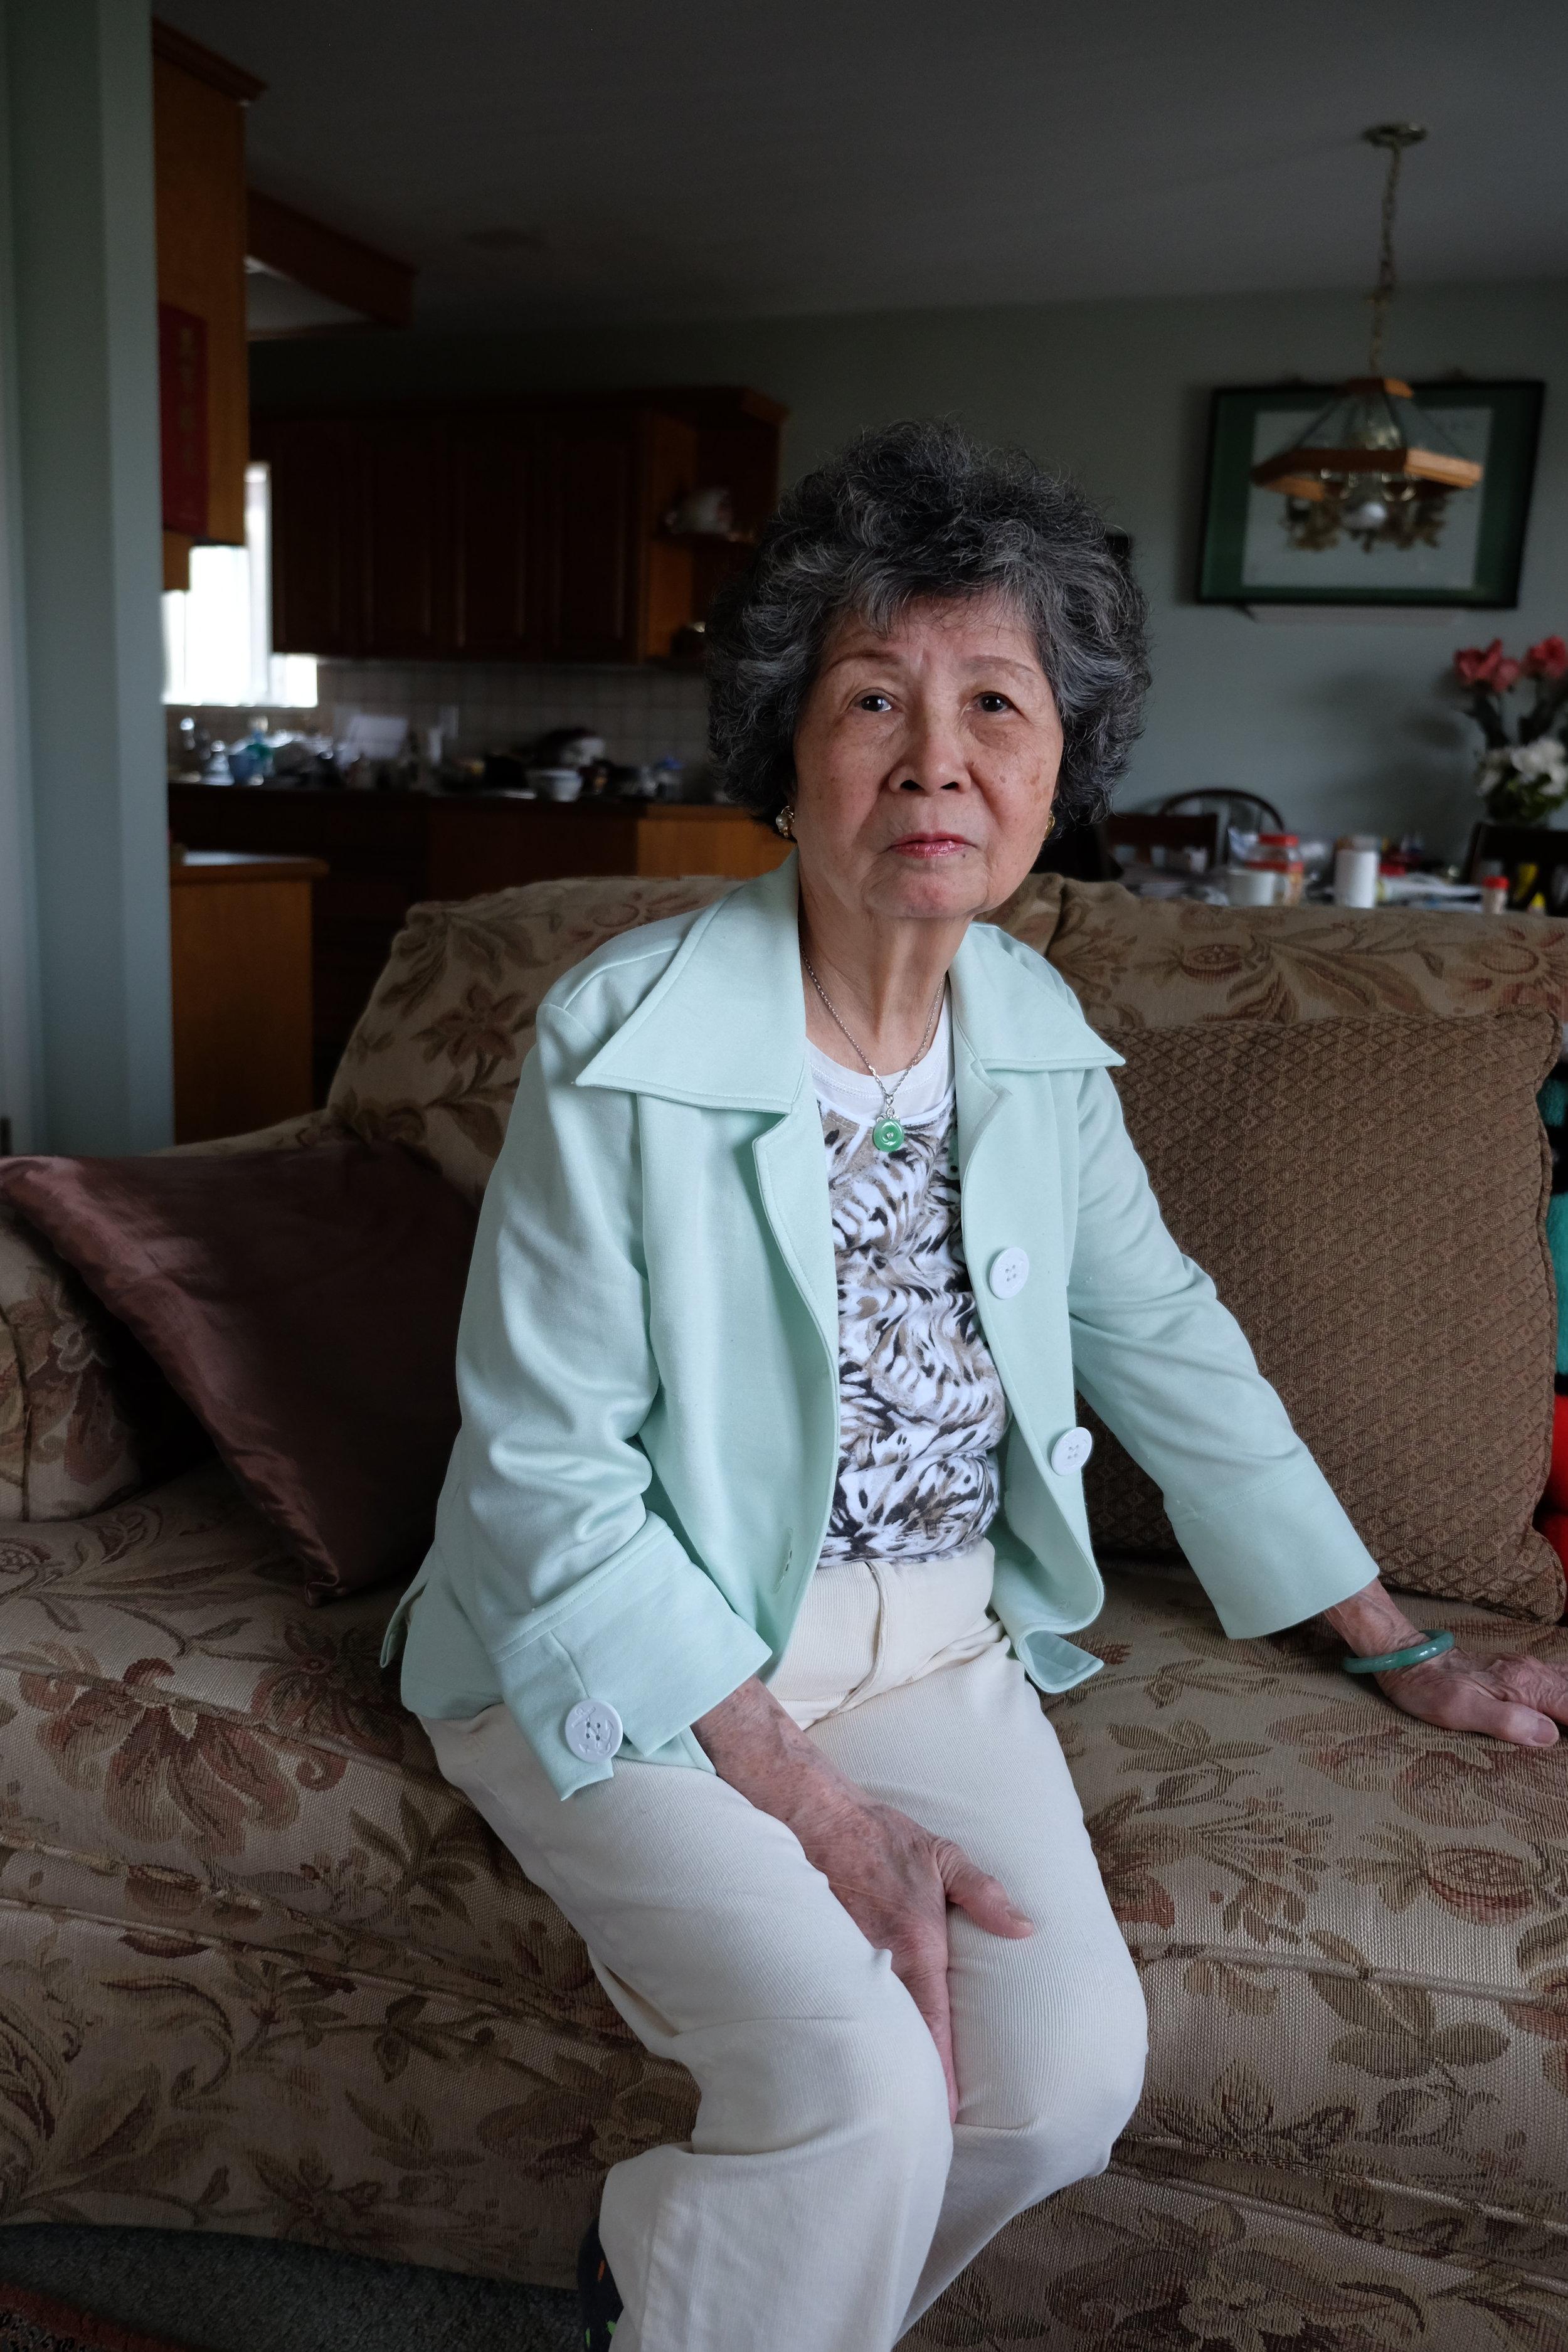 婆婆, 2015